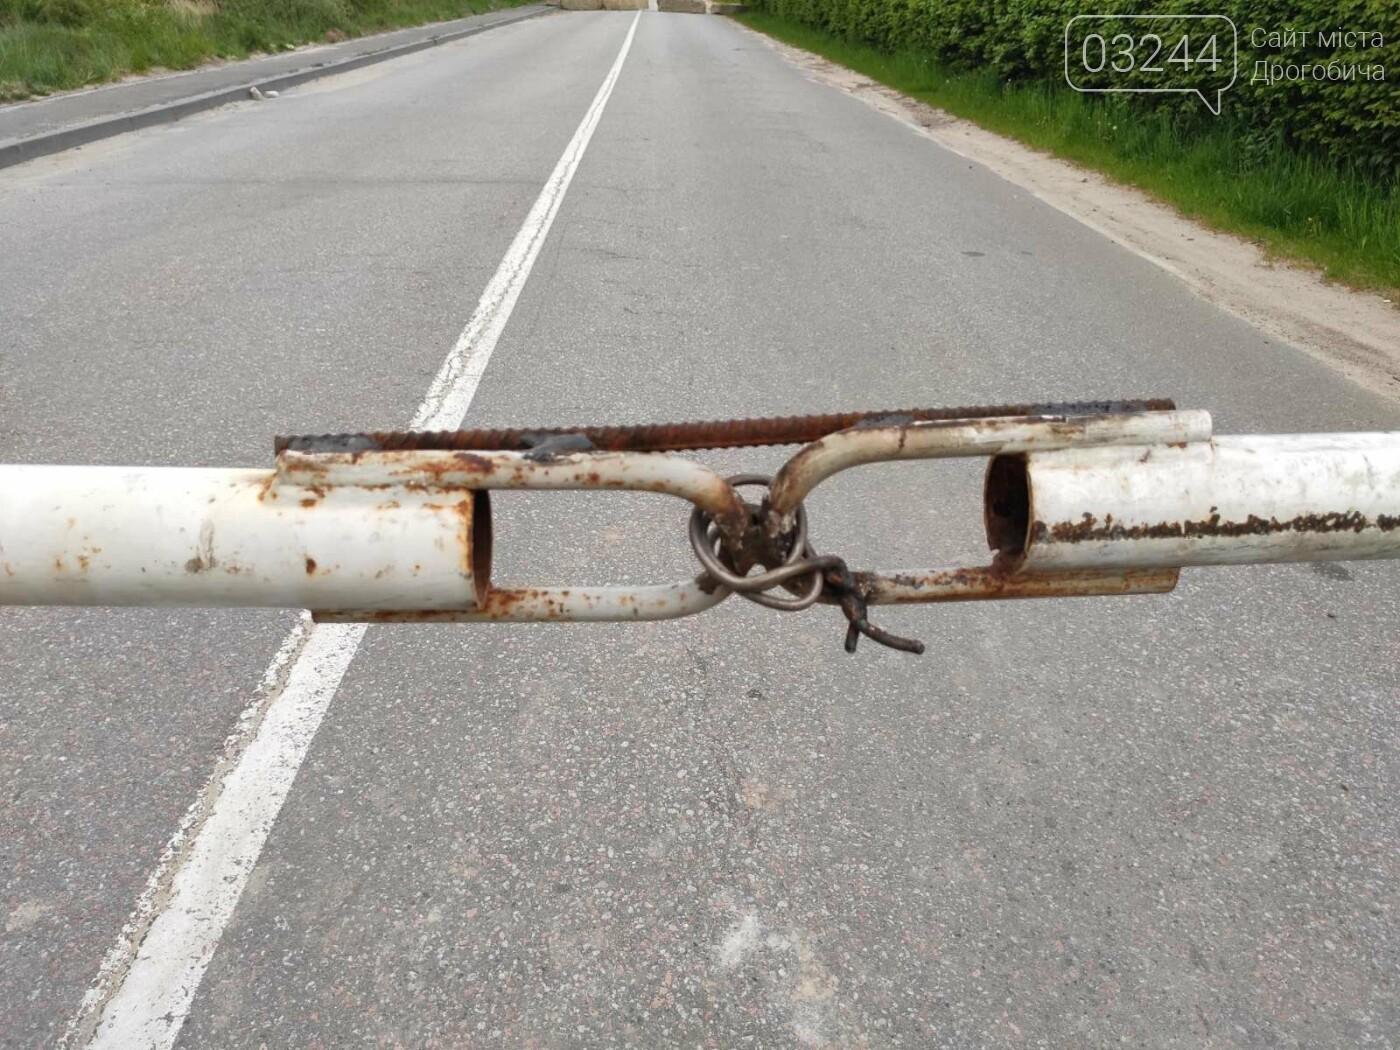 Проїзду немає! На дорозі Дрогобич - Трускавець закрили шлагбаум, - ФОТО, фото-2